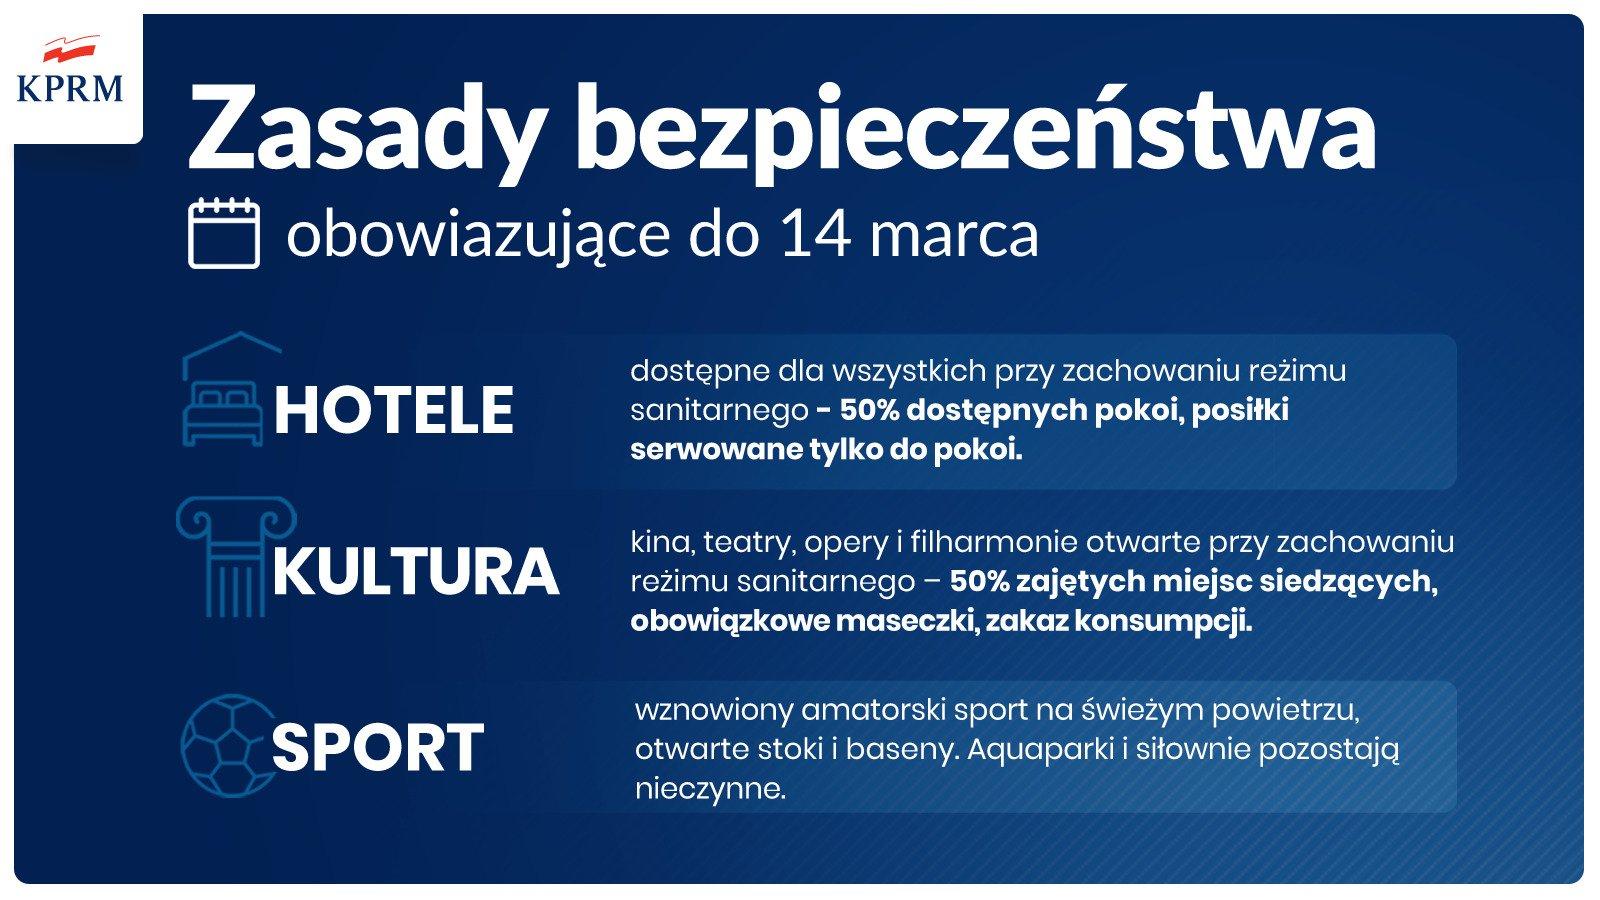 zasady bezpieczeC584stwa do 14 marca